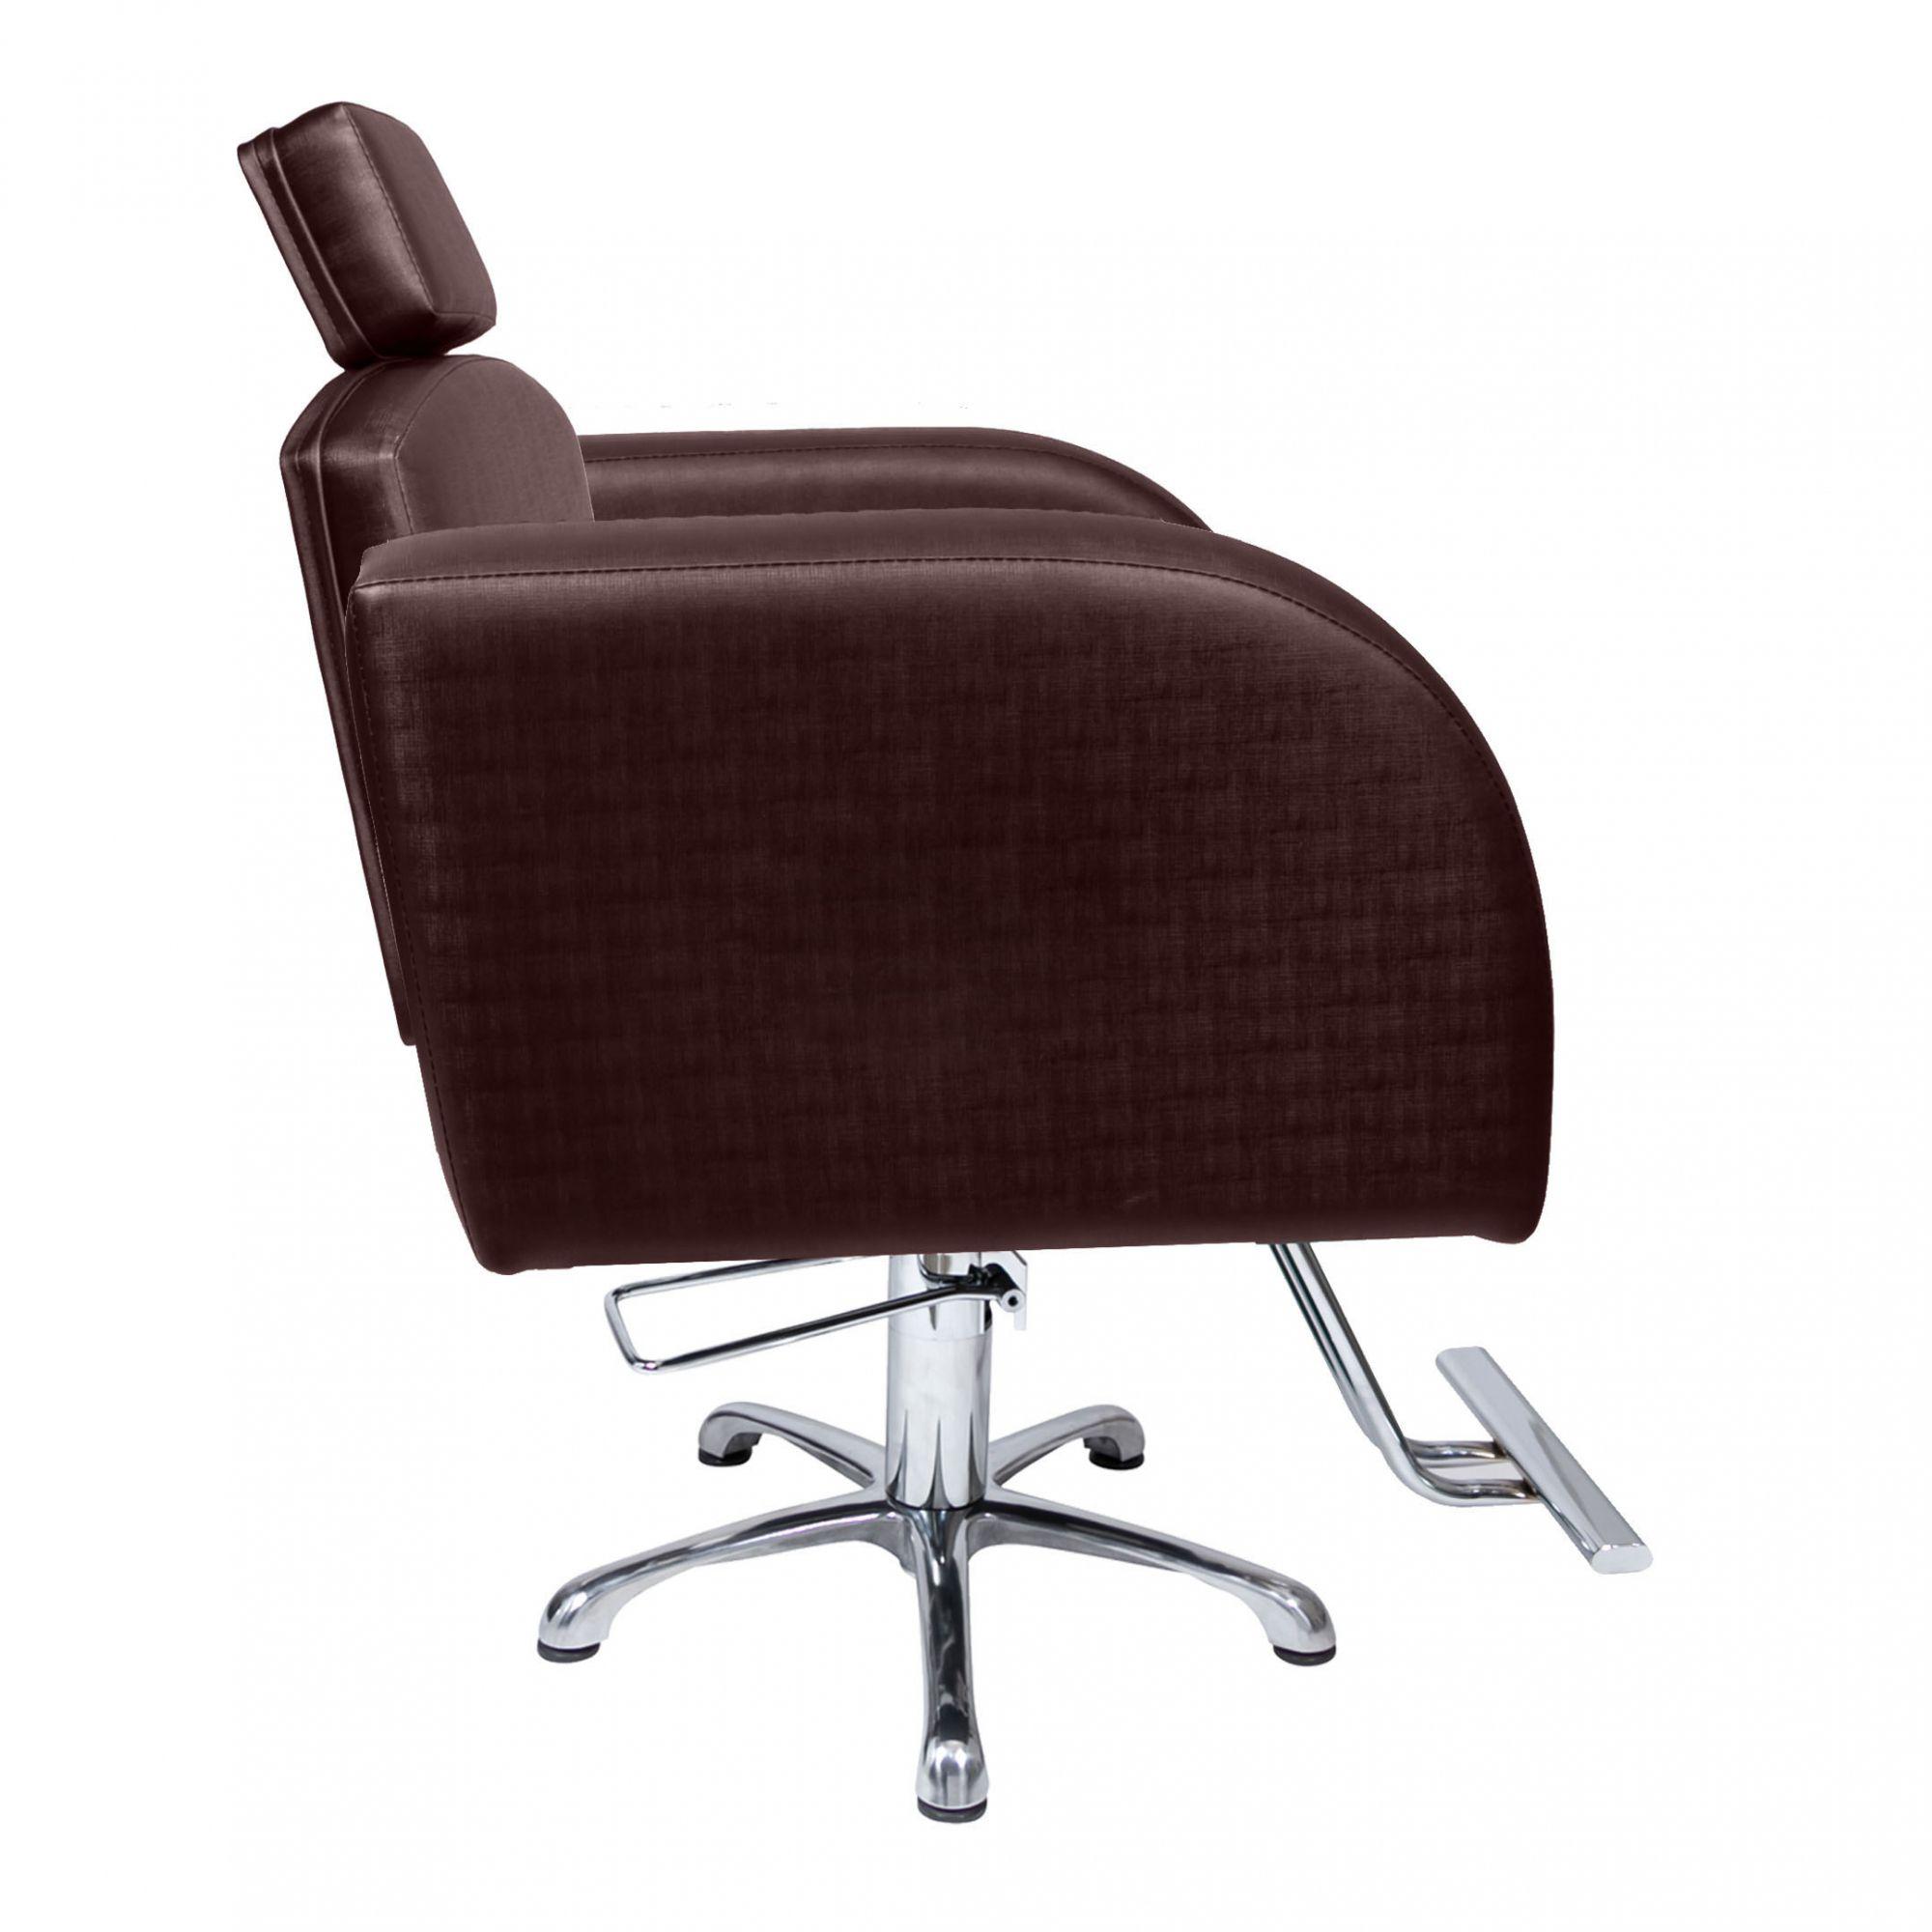 Poltrona Cadeira Hidráulica Destak Fixa Para Salão Café Factor